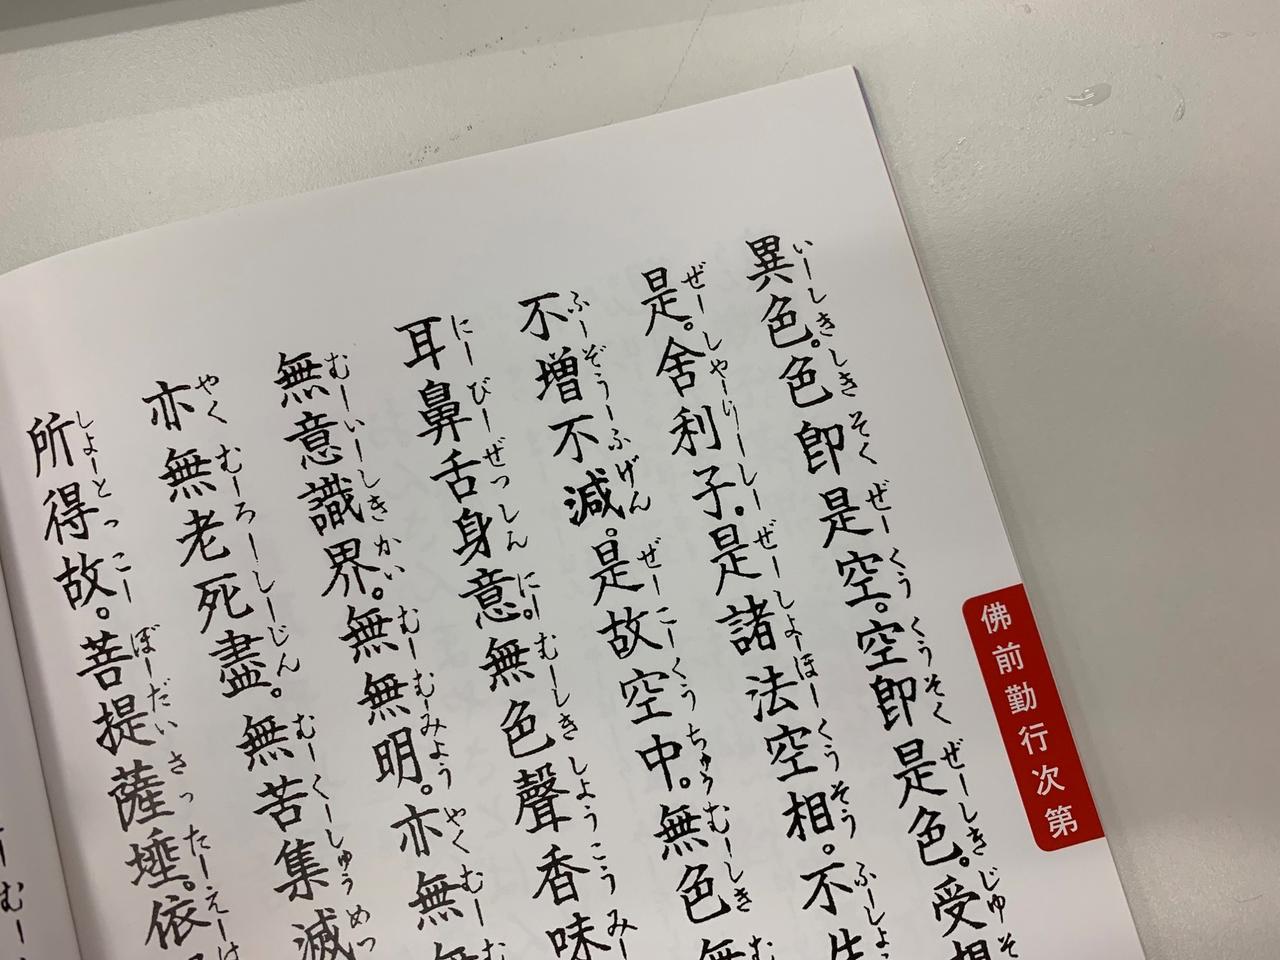 画像: 経本の中身はフリガナが振られているのでこのまま読み上げましょう。暗記の必要はありません。